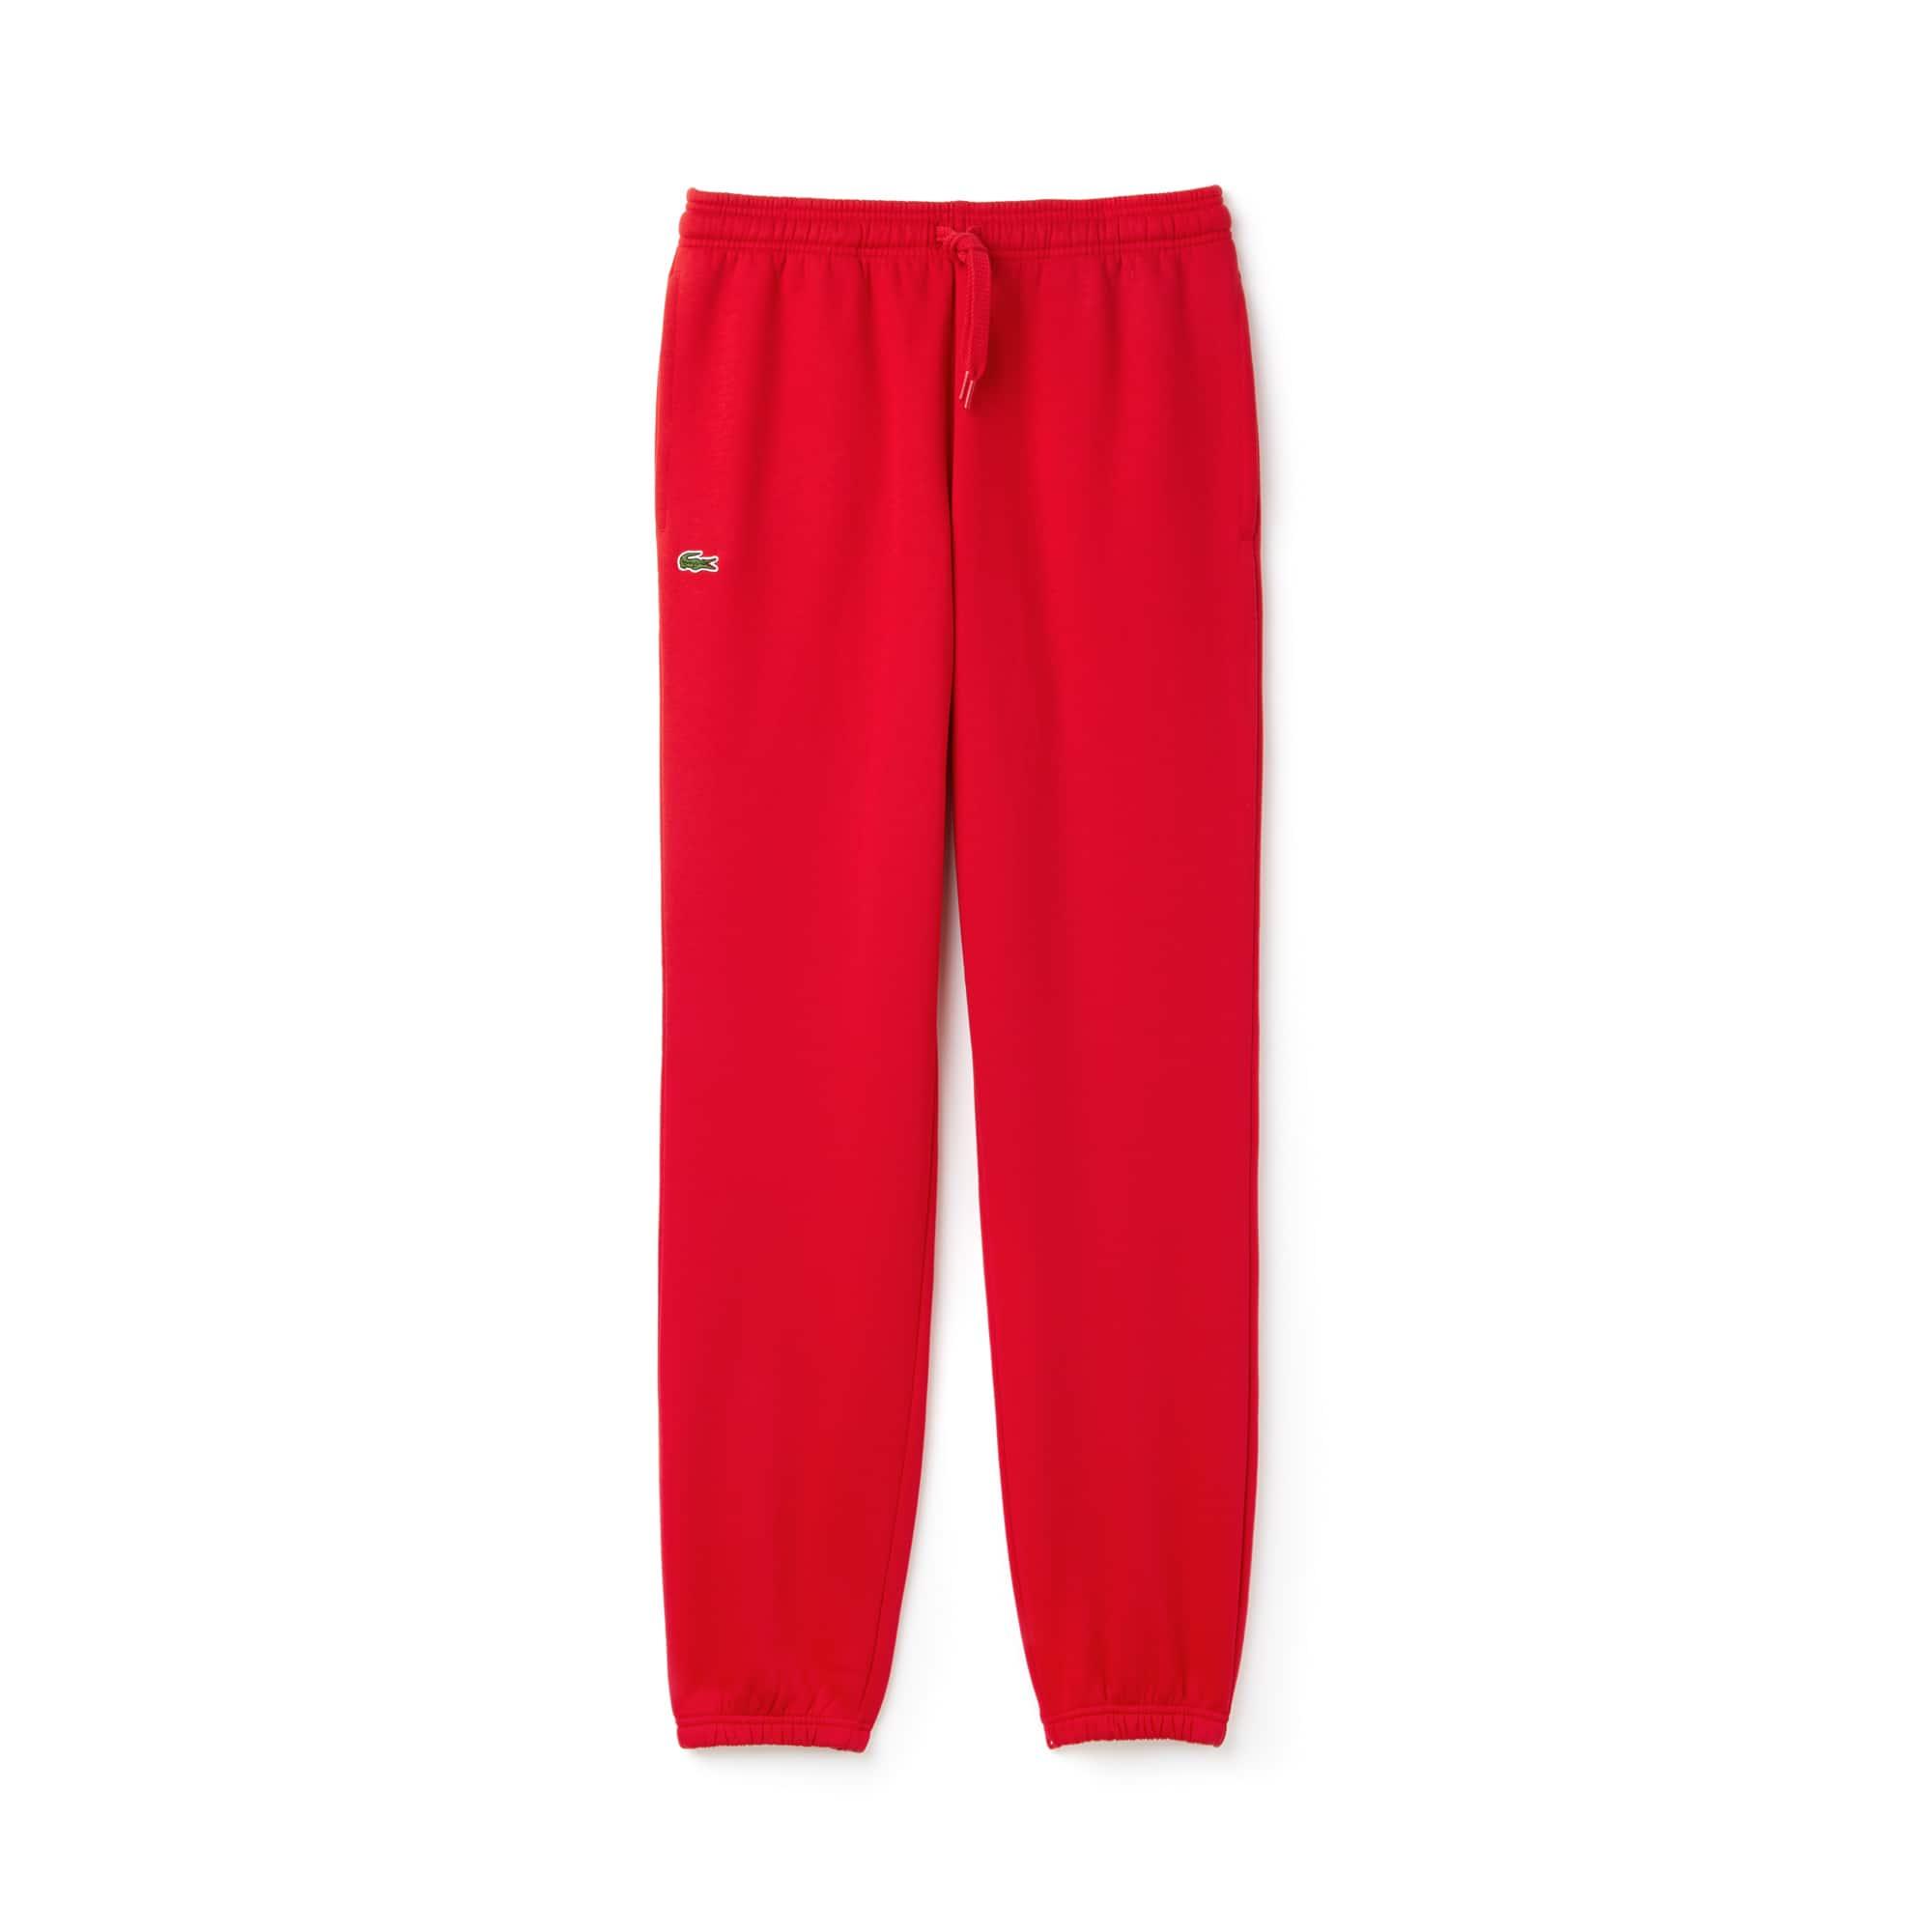 라코스테 스포츠 트랙 팬츠 Lacoste Mens SPORT Tennis trackpants in fleece,red